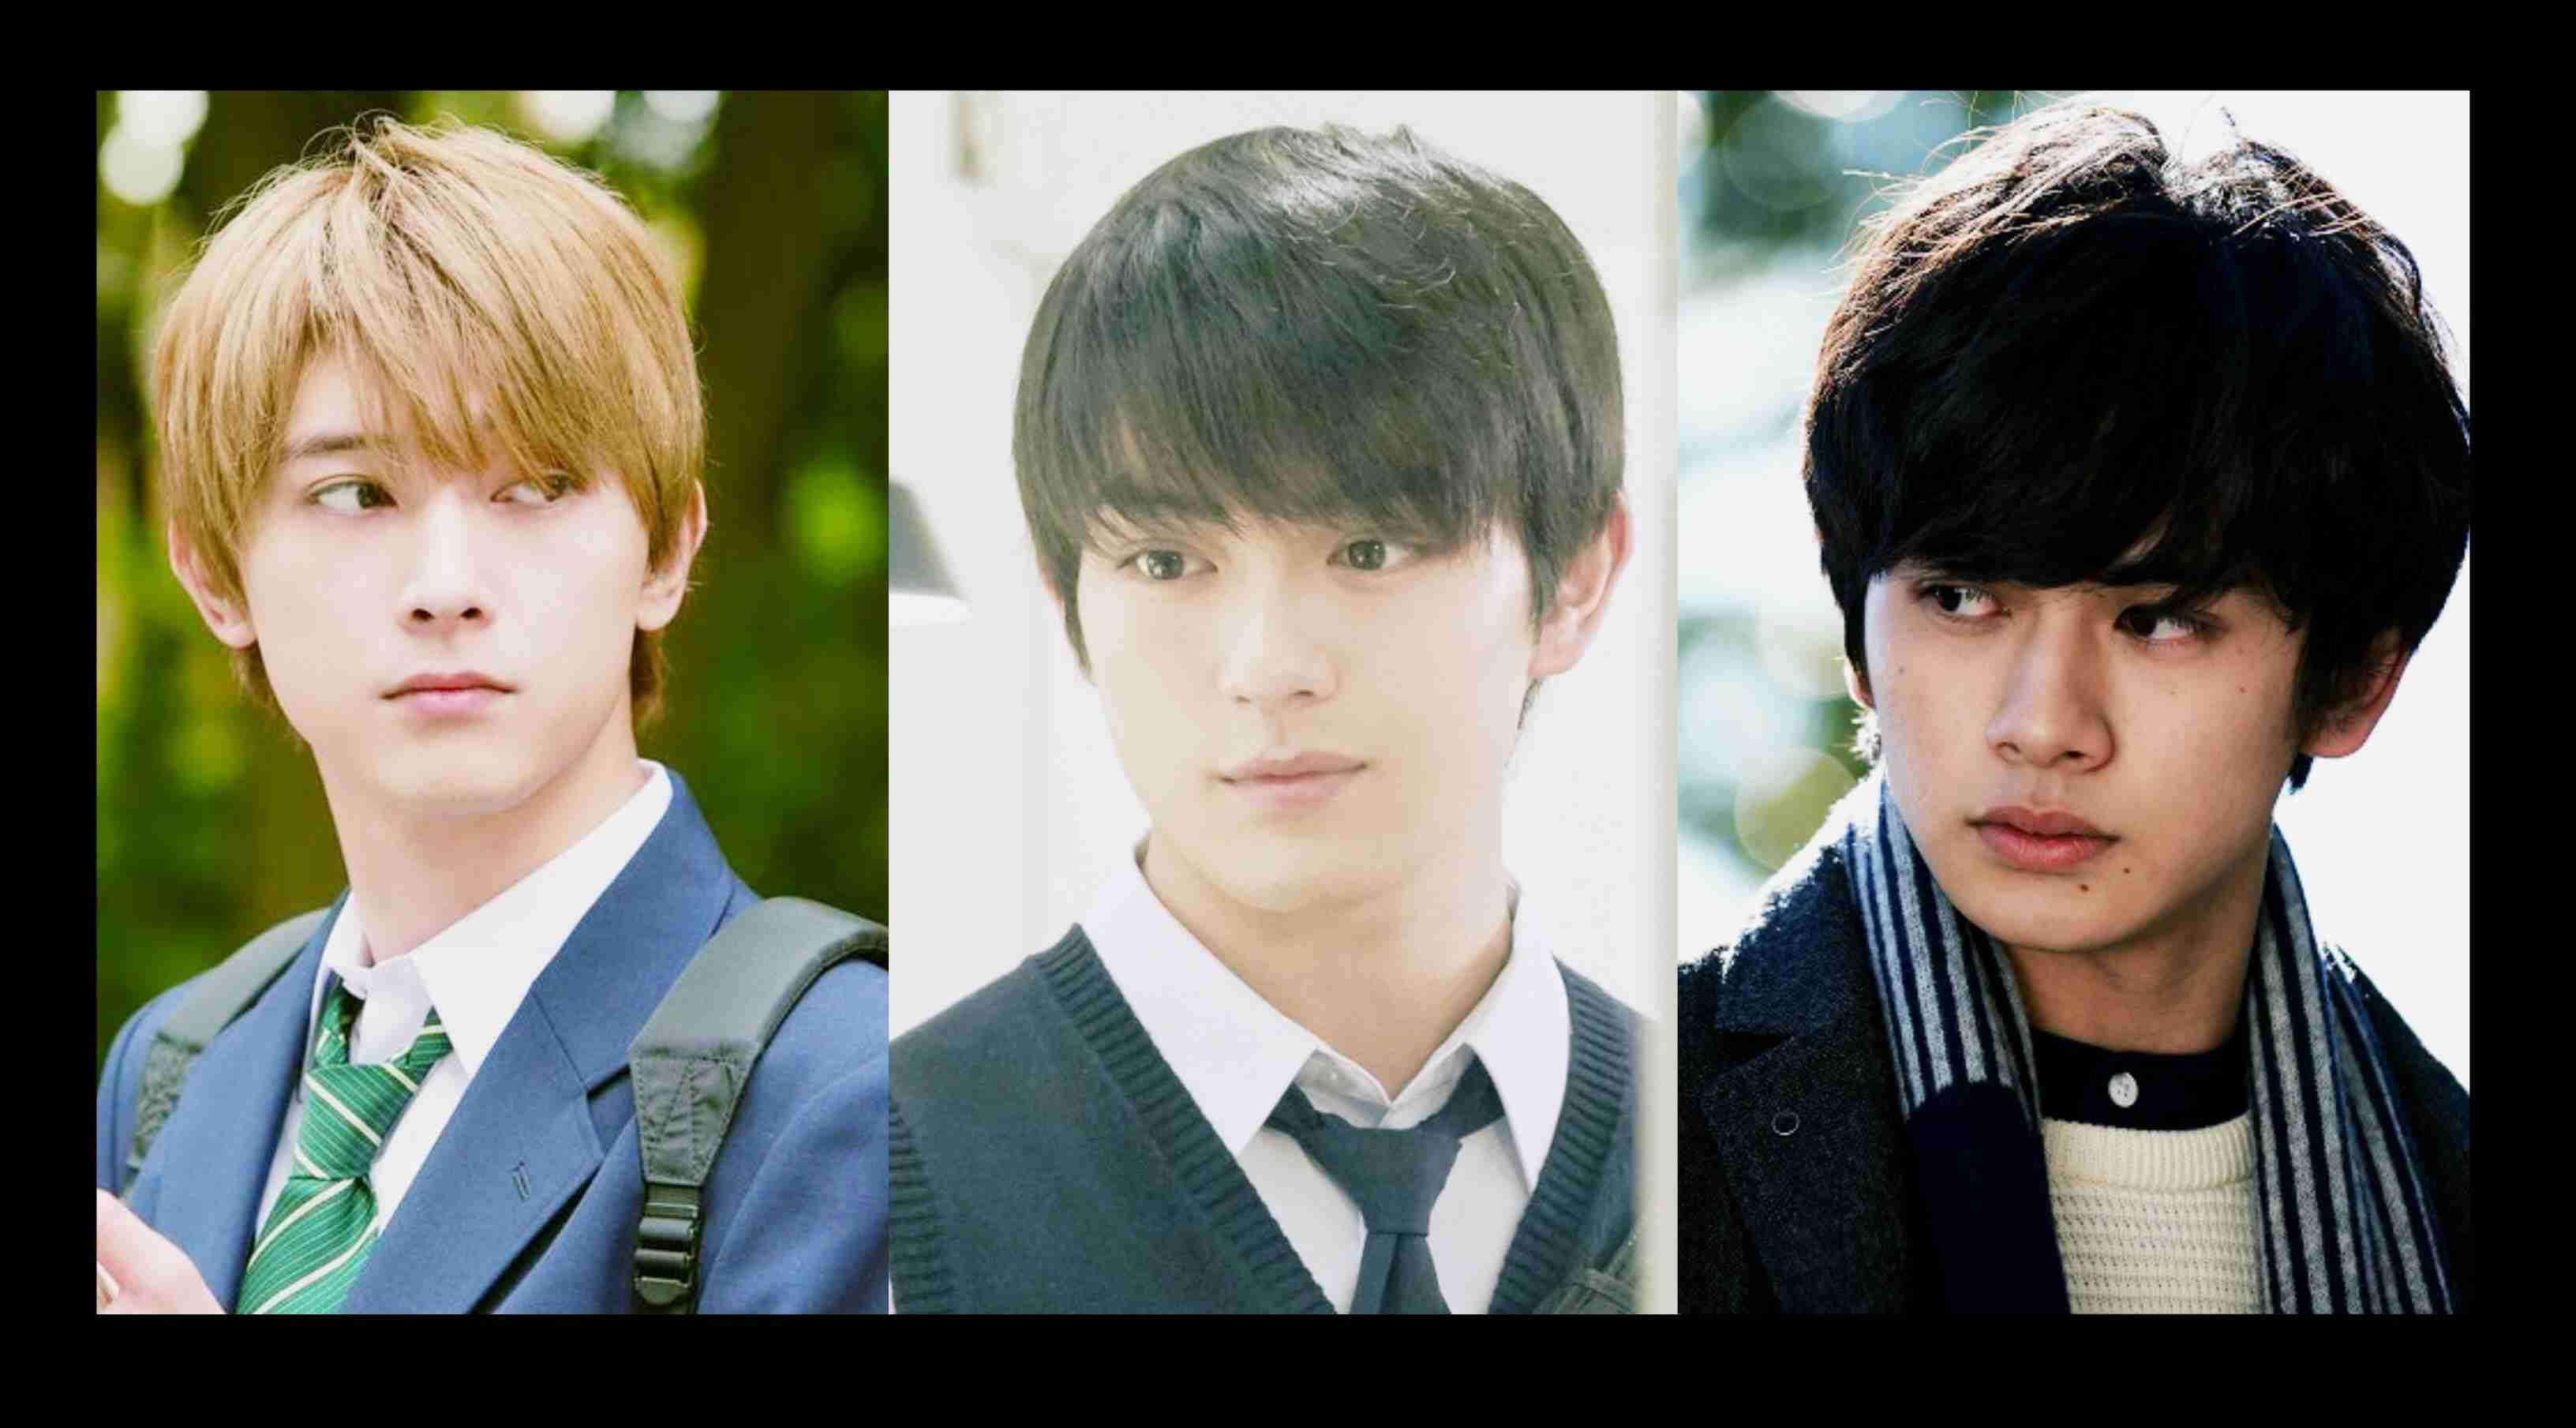 若手俳優の中で誰が一番イケメン?